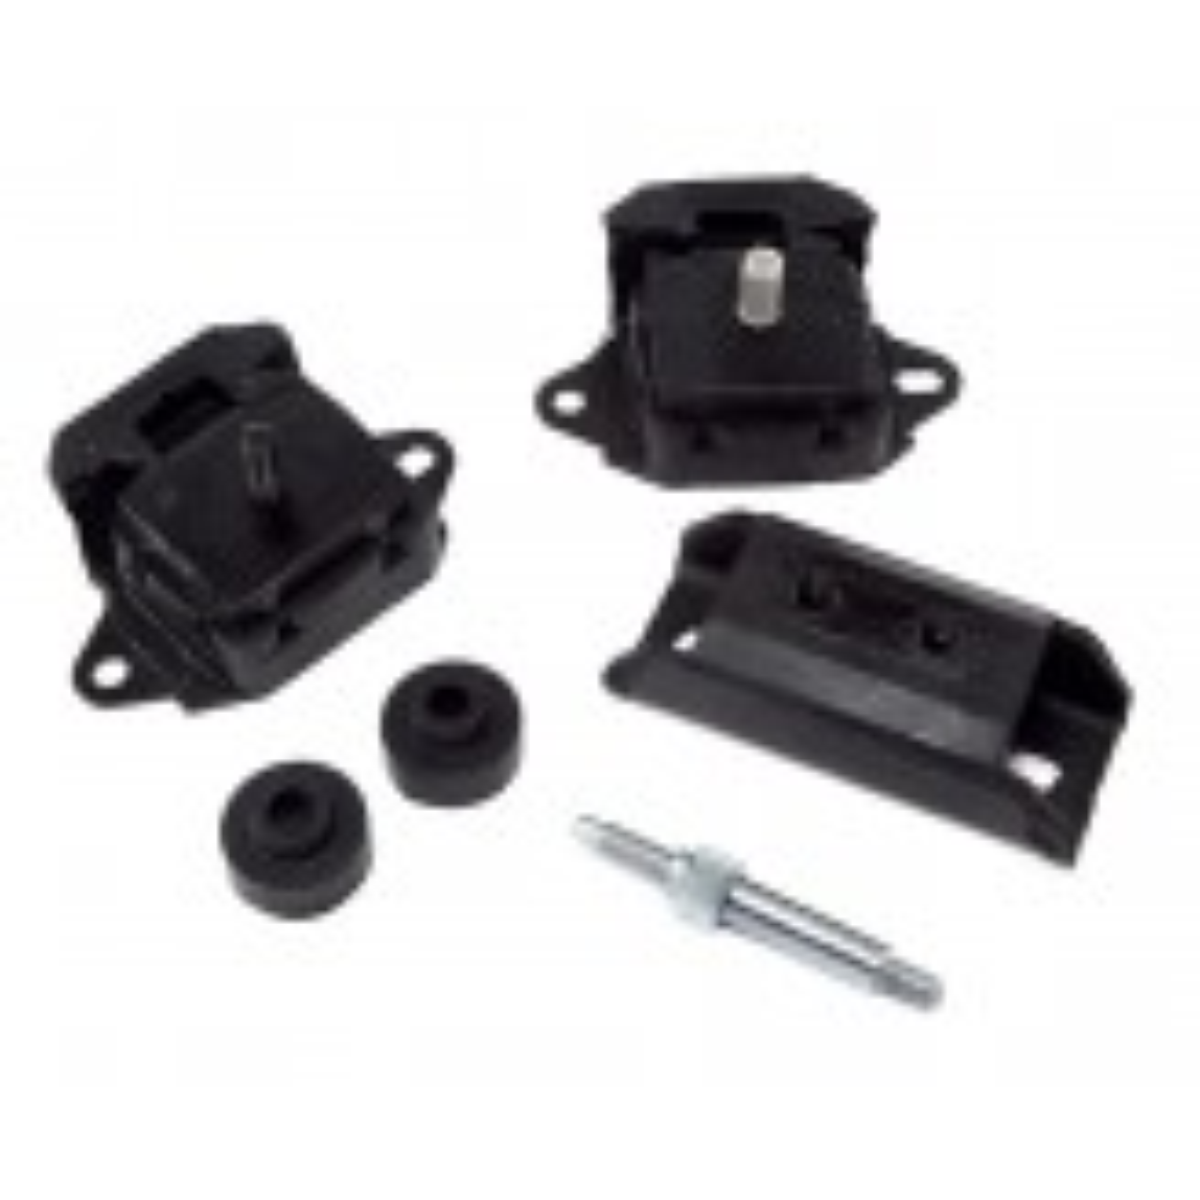 Engine Mounting Kit, 4.2L; 72-86 Jeep CJ Models